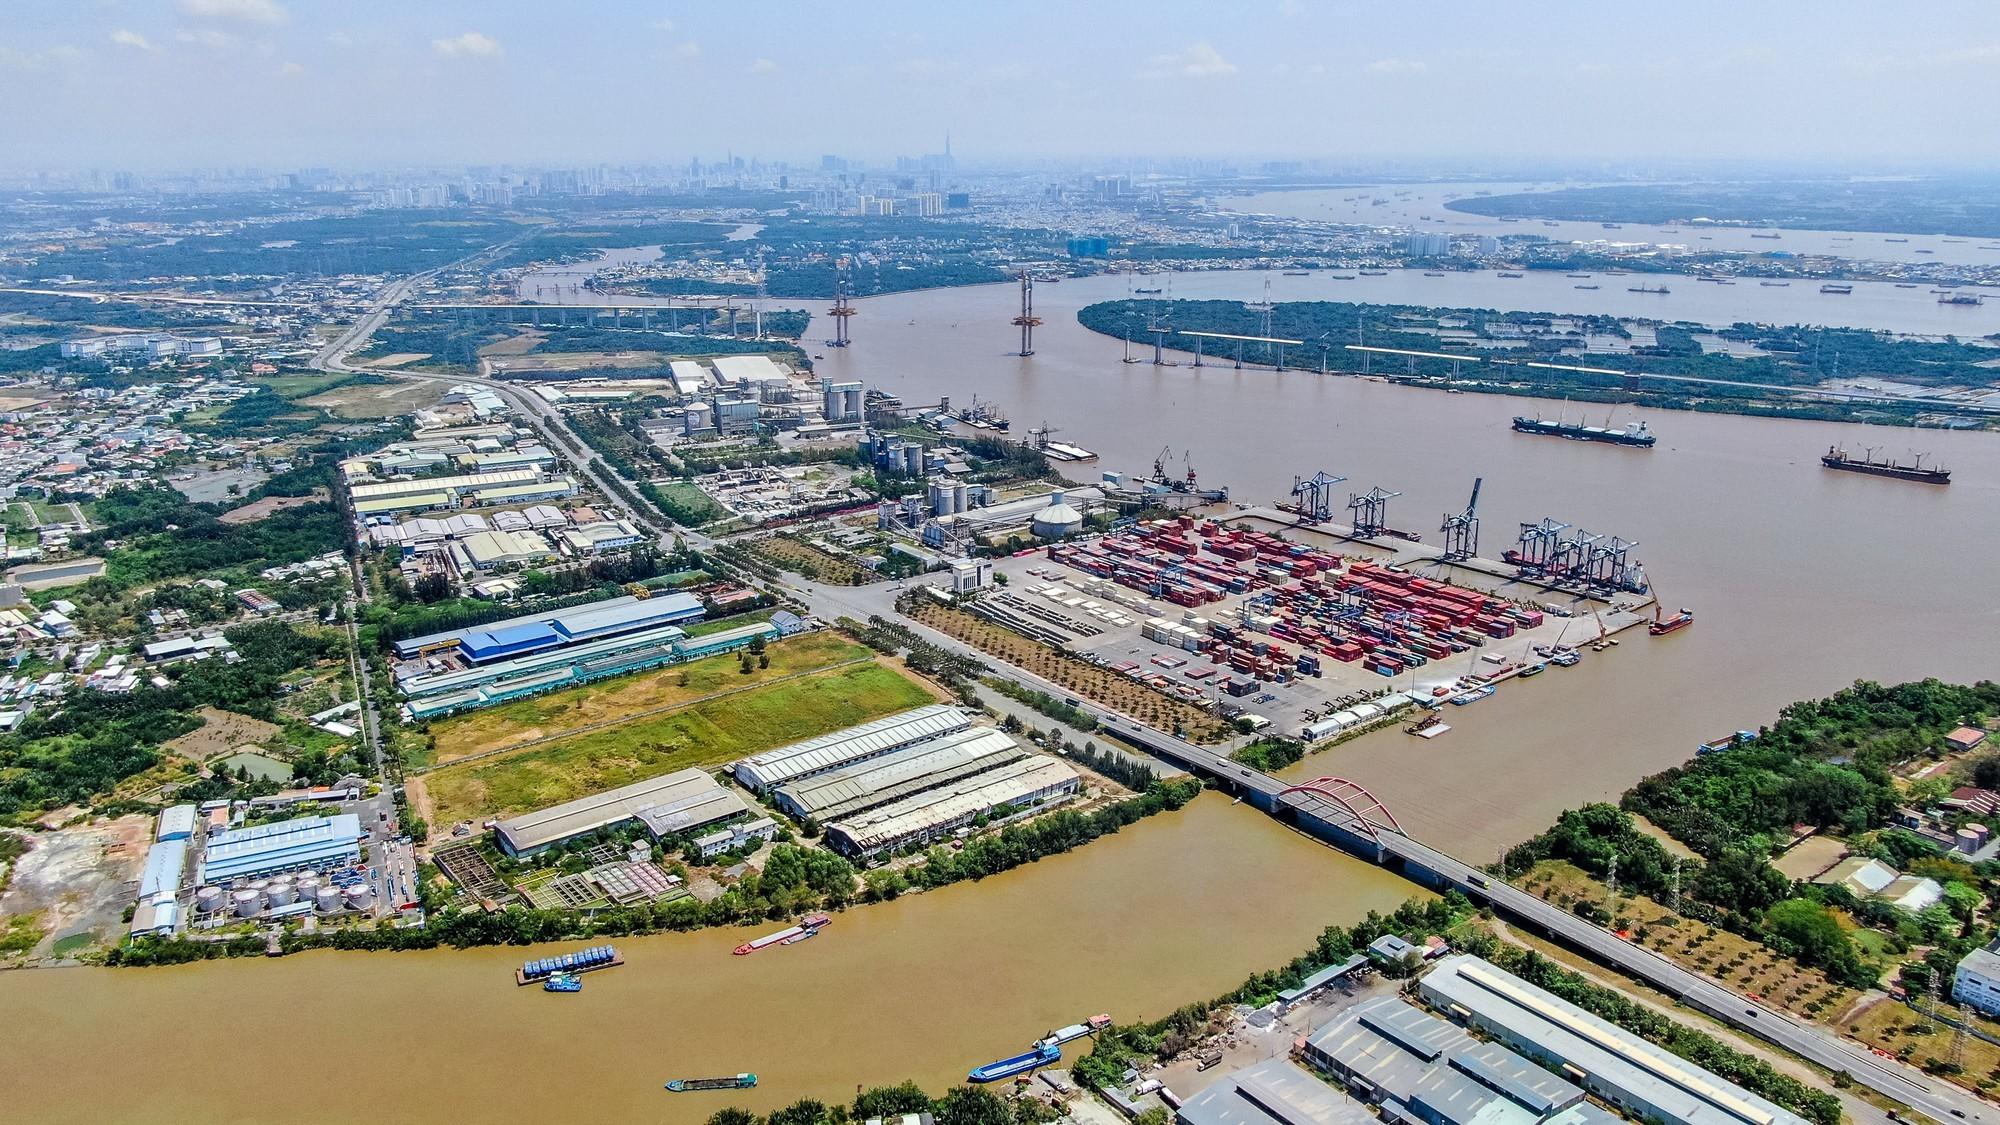 Bất động sản Cần Giuộc hưởng lợi kép nhờ sóng đầu tư hạ tầng và khu công nghiệp đổ bộ - Ảnh 1.